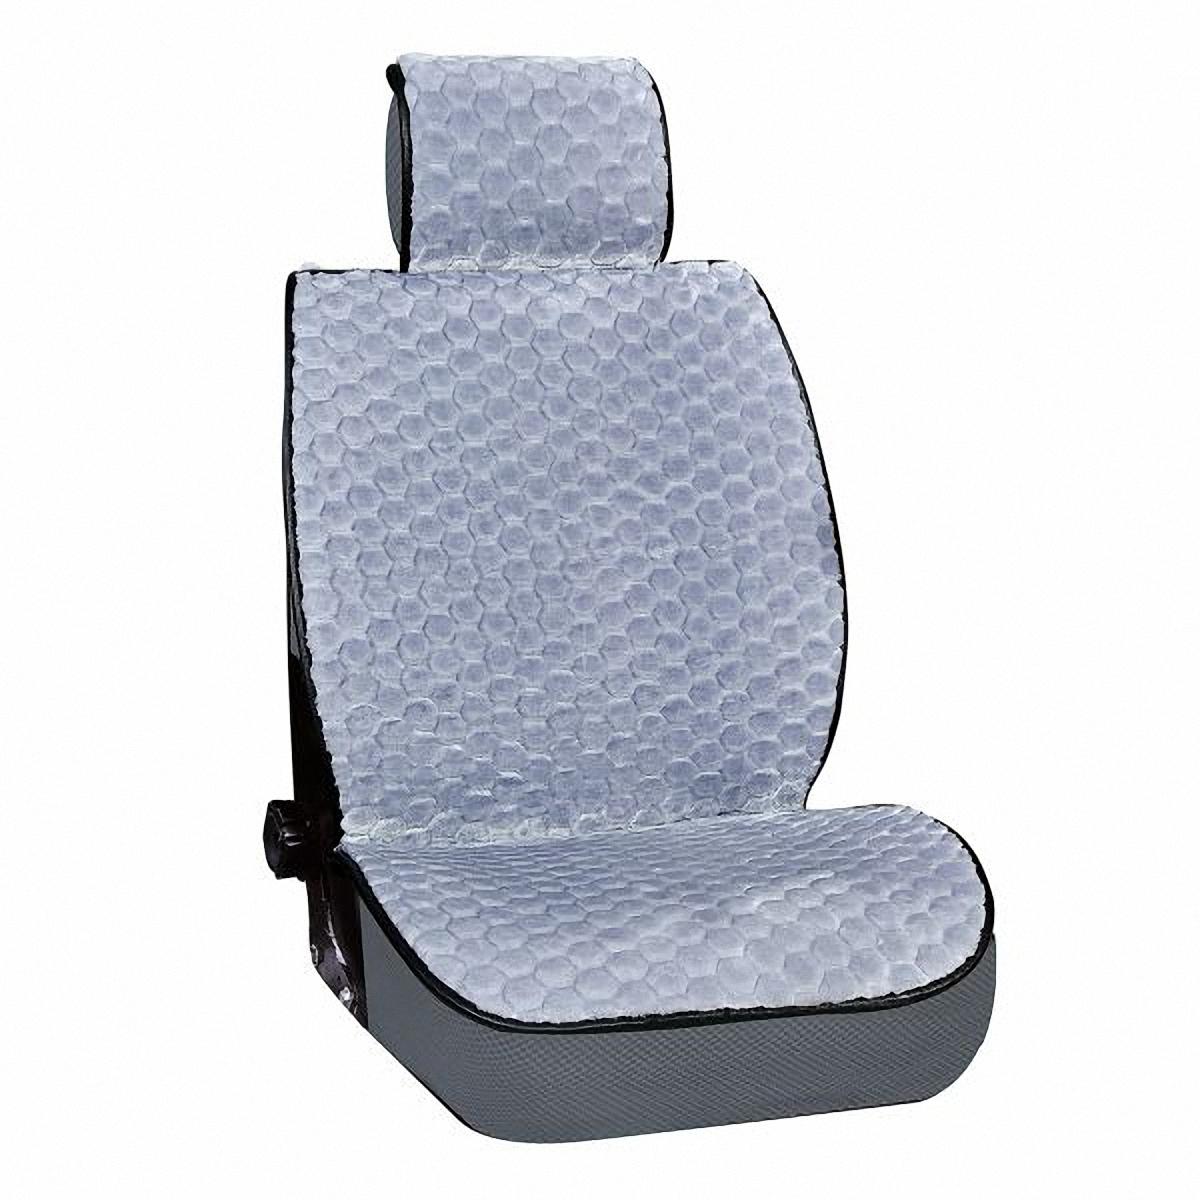 Накидка на сиденье Skyway, цвет: серый. S03001021 skyway eco